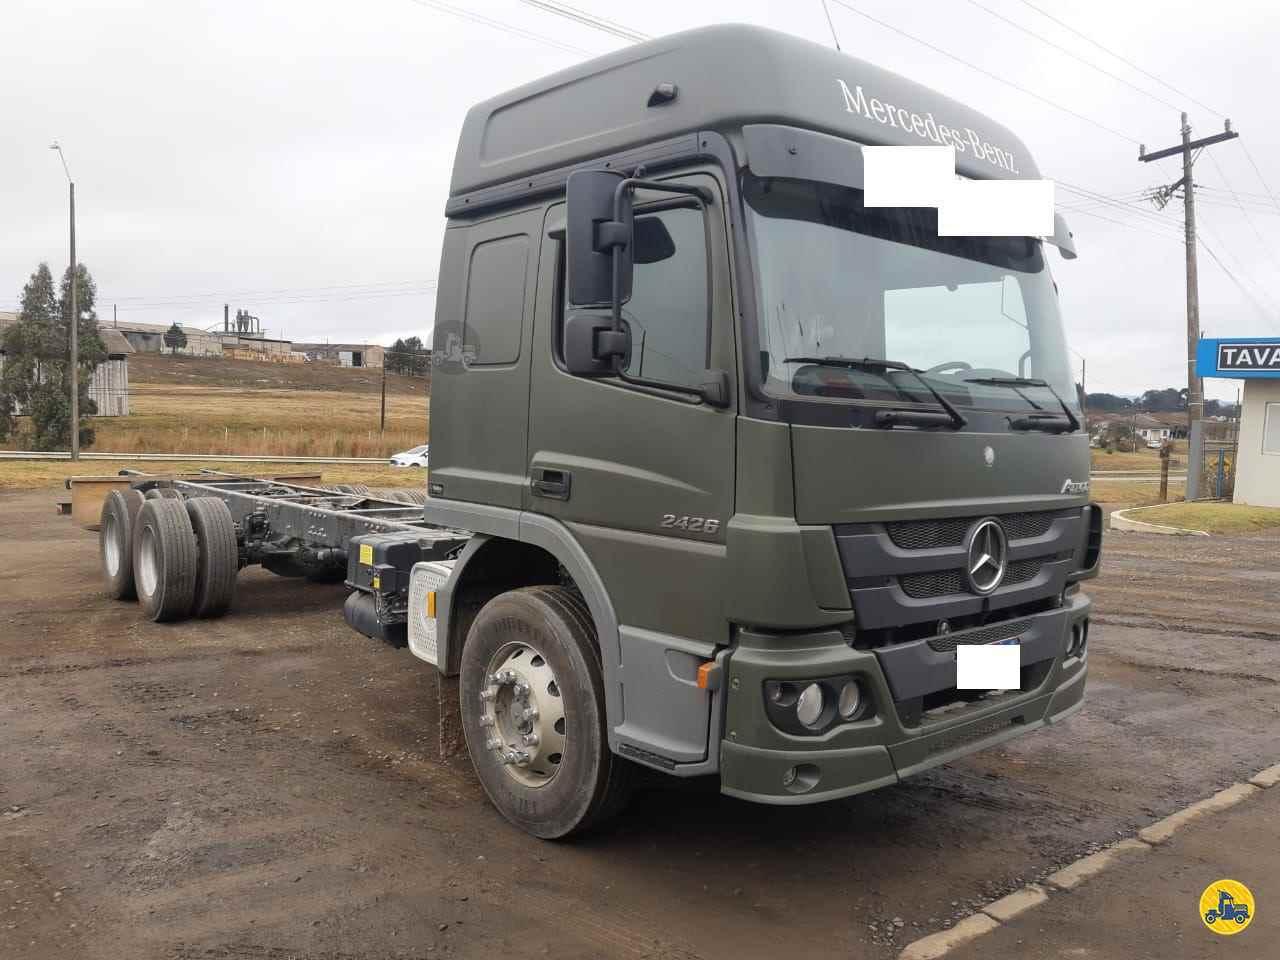 CAMINHAO MERCEDES-BENZ MB 2426 Chassis Truck 6x2 Transmap Caminhões SANTA ROSA RIO GRANDE DO SUL RS